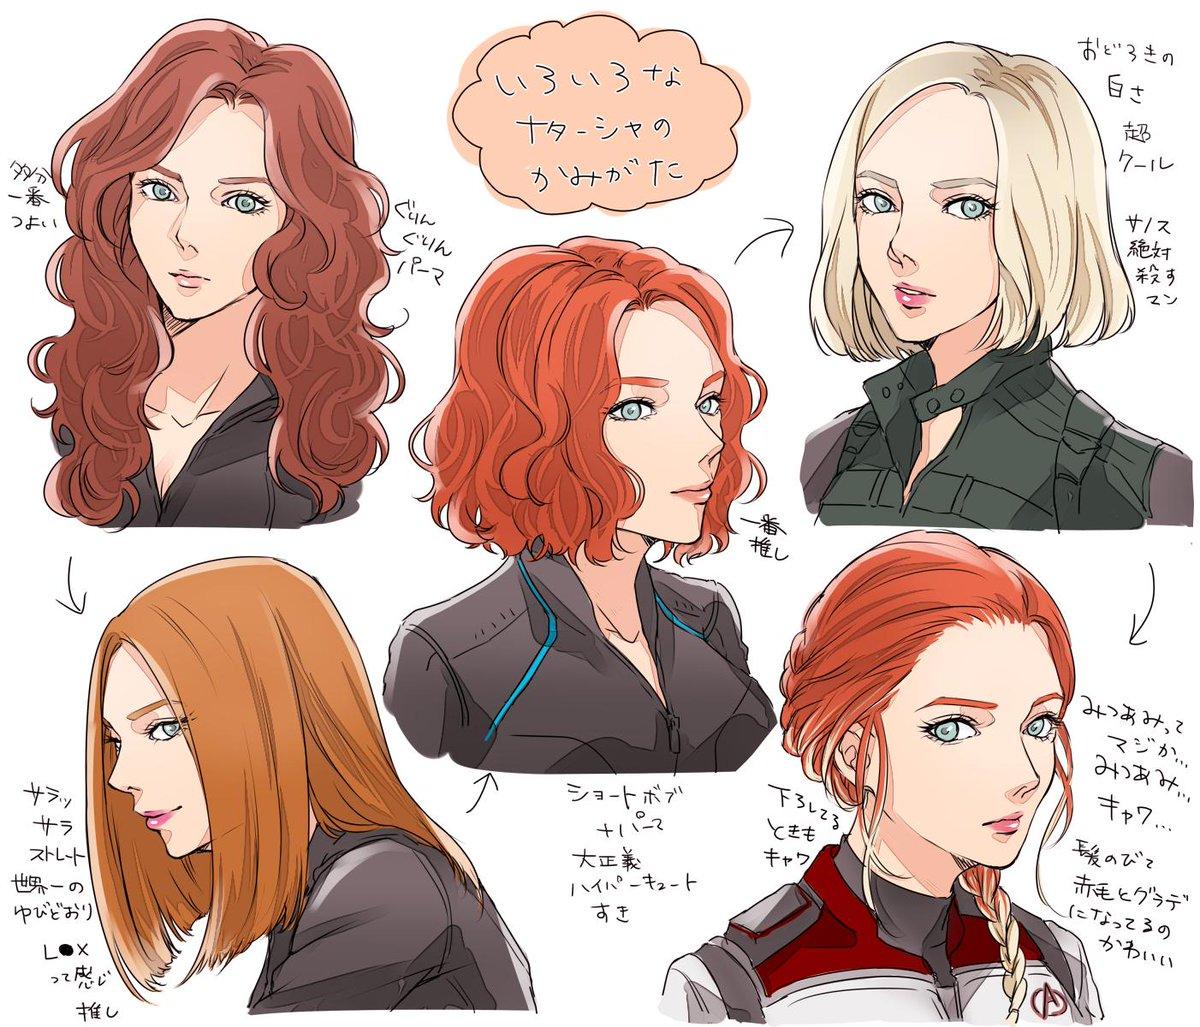 アイアンマン2からエンドゲームまでナターシャのおおまかな髪型の変移 あなたのなたしゃはどこから 私の推しは真ん中です